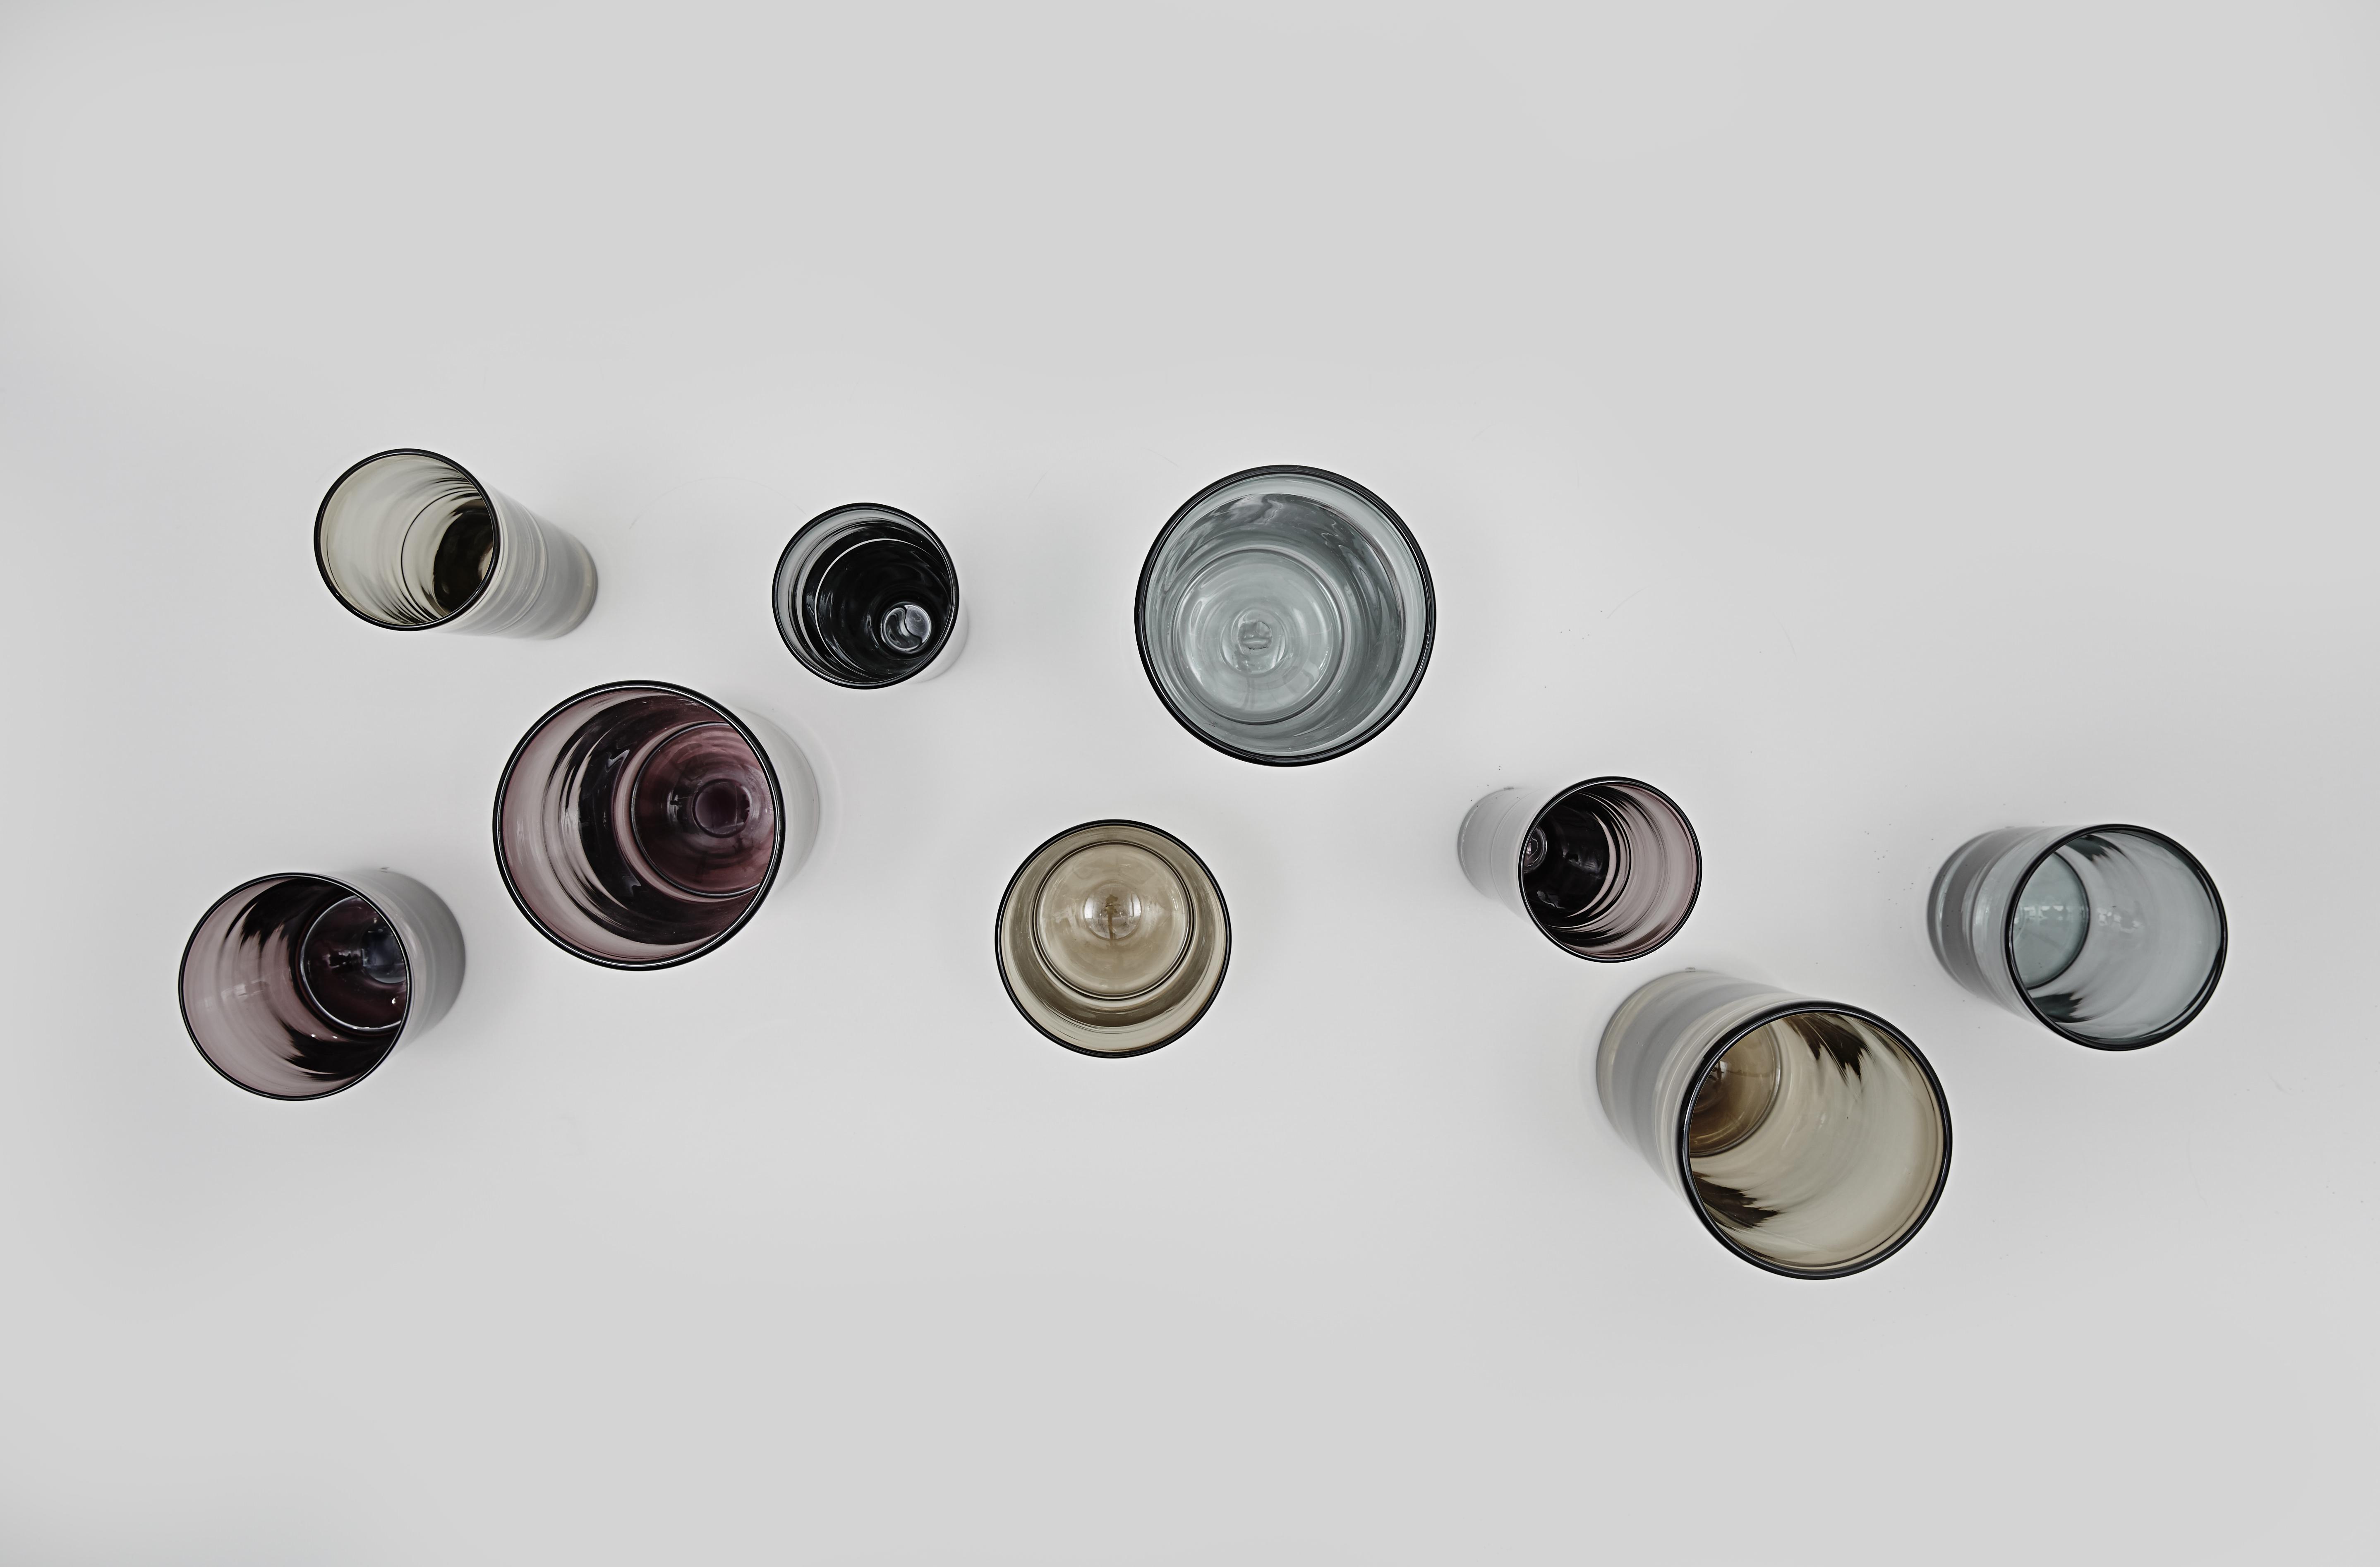 SKYLINE vase series designed by Lars Vejen